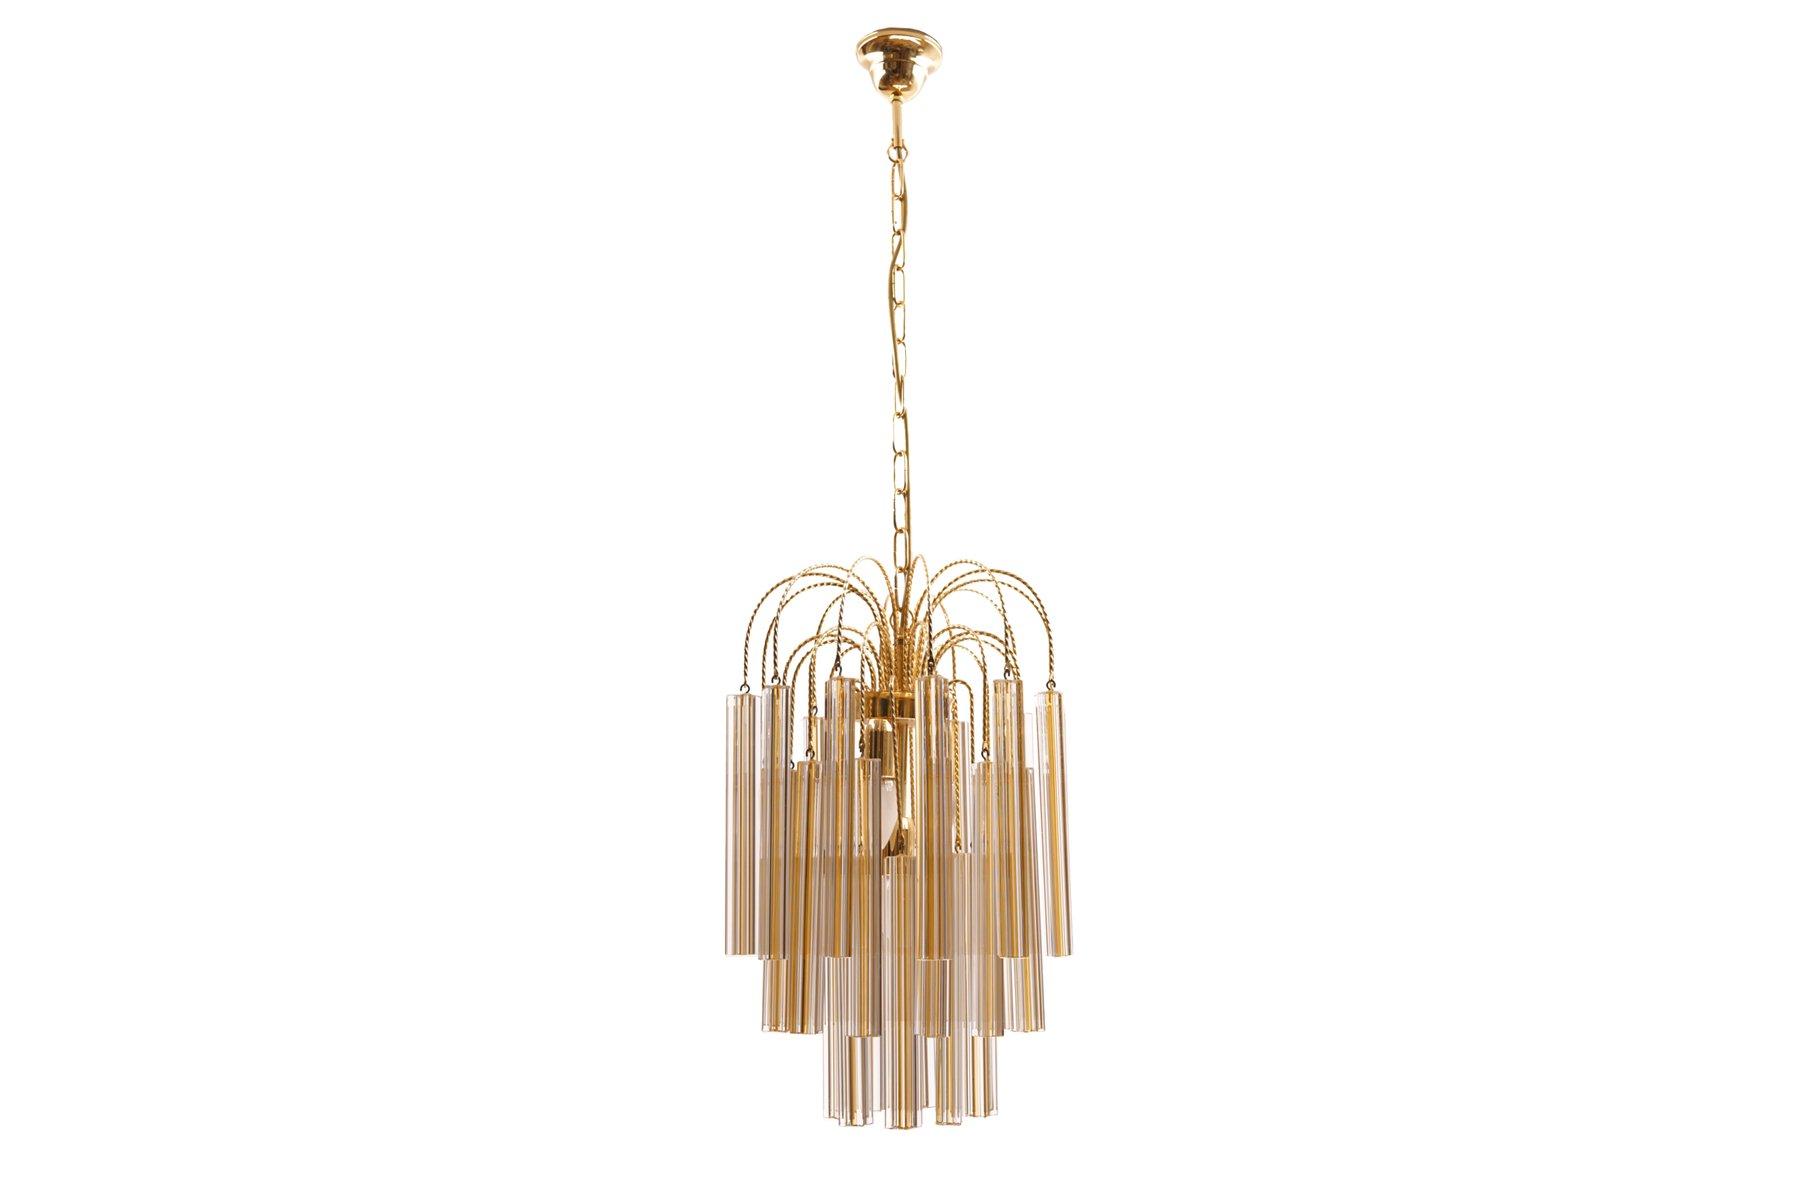 Lampadari venini usati